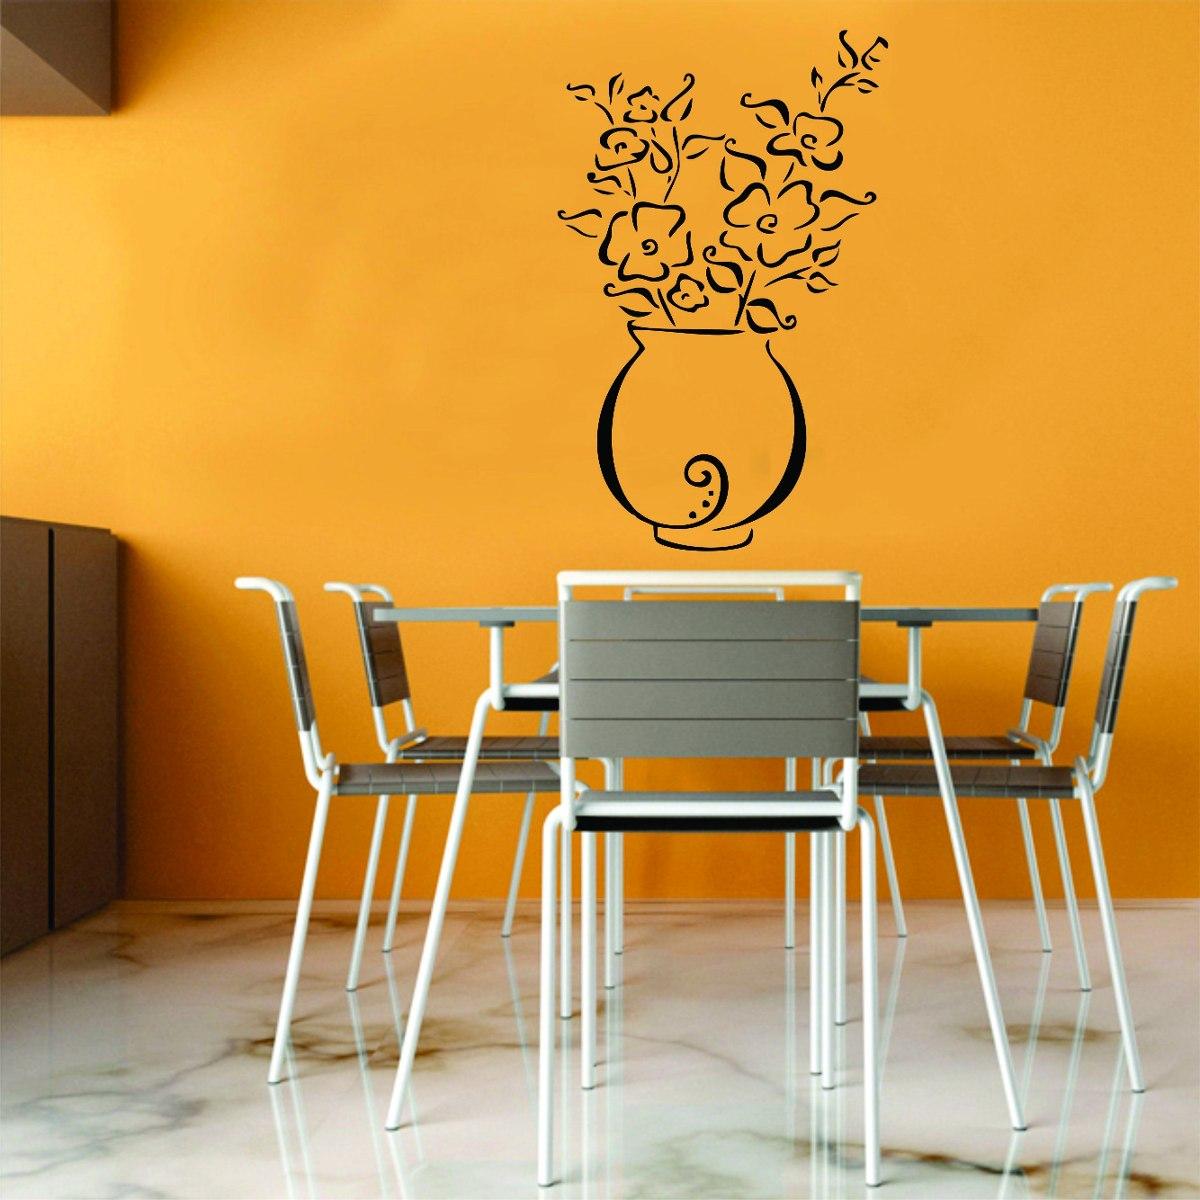 Adesivo Para Moto Frases ~ Adesivo Decorativo Parede Sala Cozinha Floral Vaso De Flor R$ 17,99 em Mercado Livre